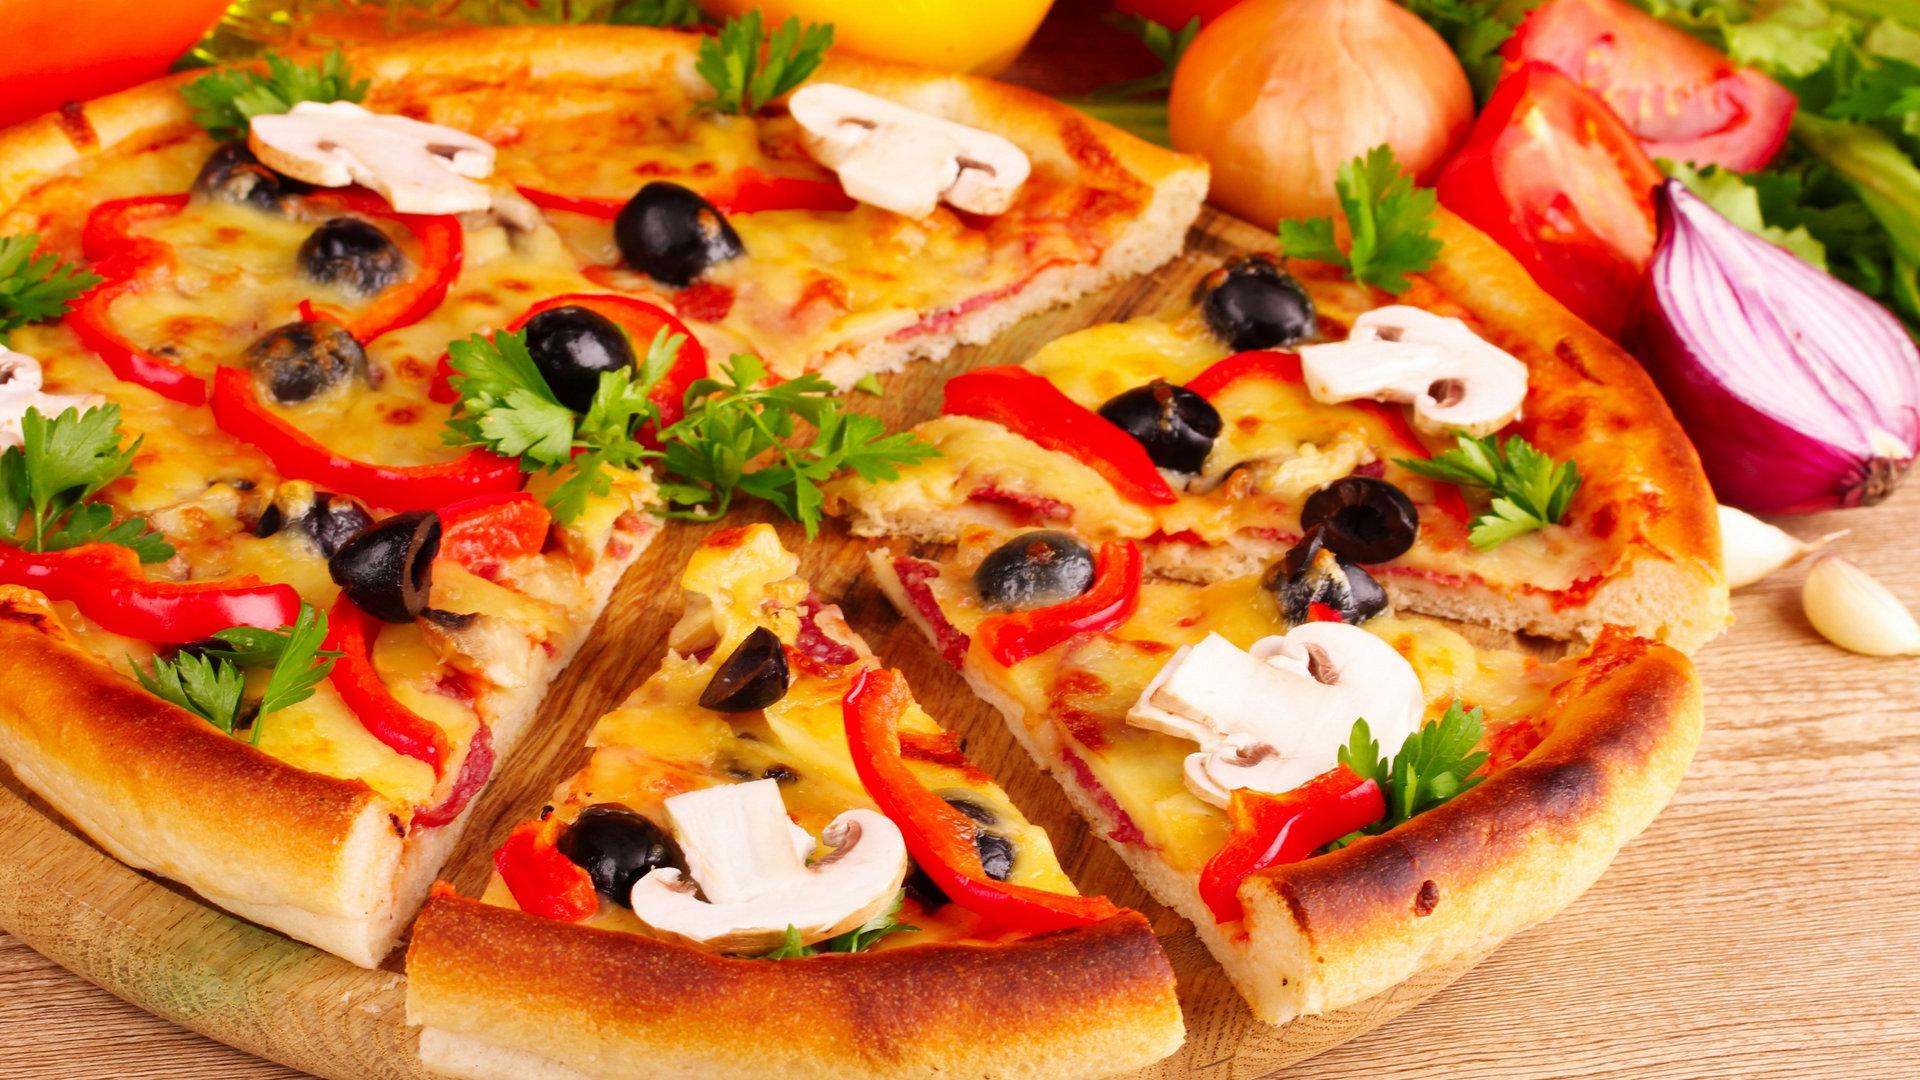 Доставка пиццы и роллов в Белгороде в течение 30 минут